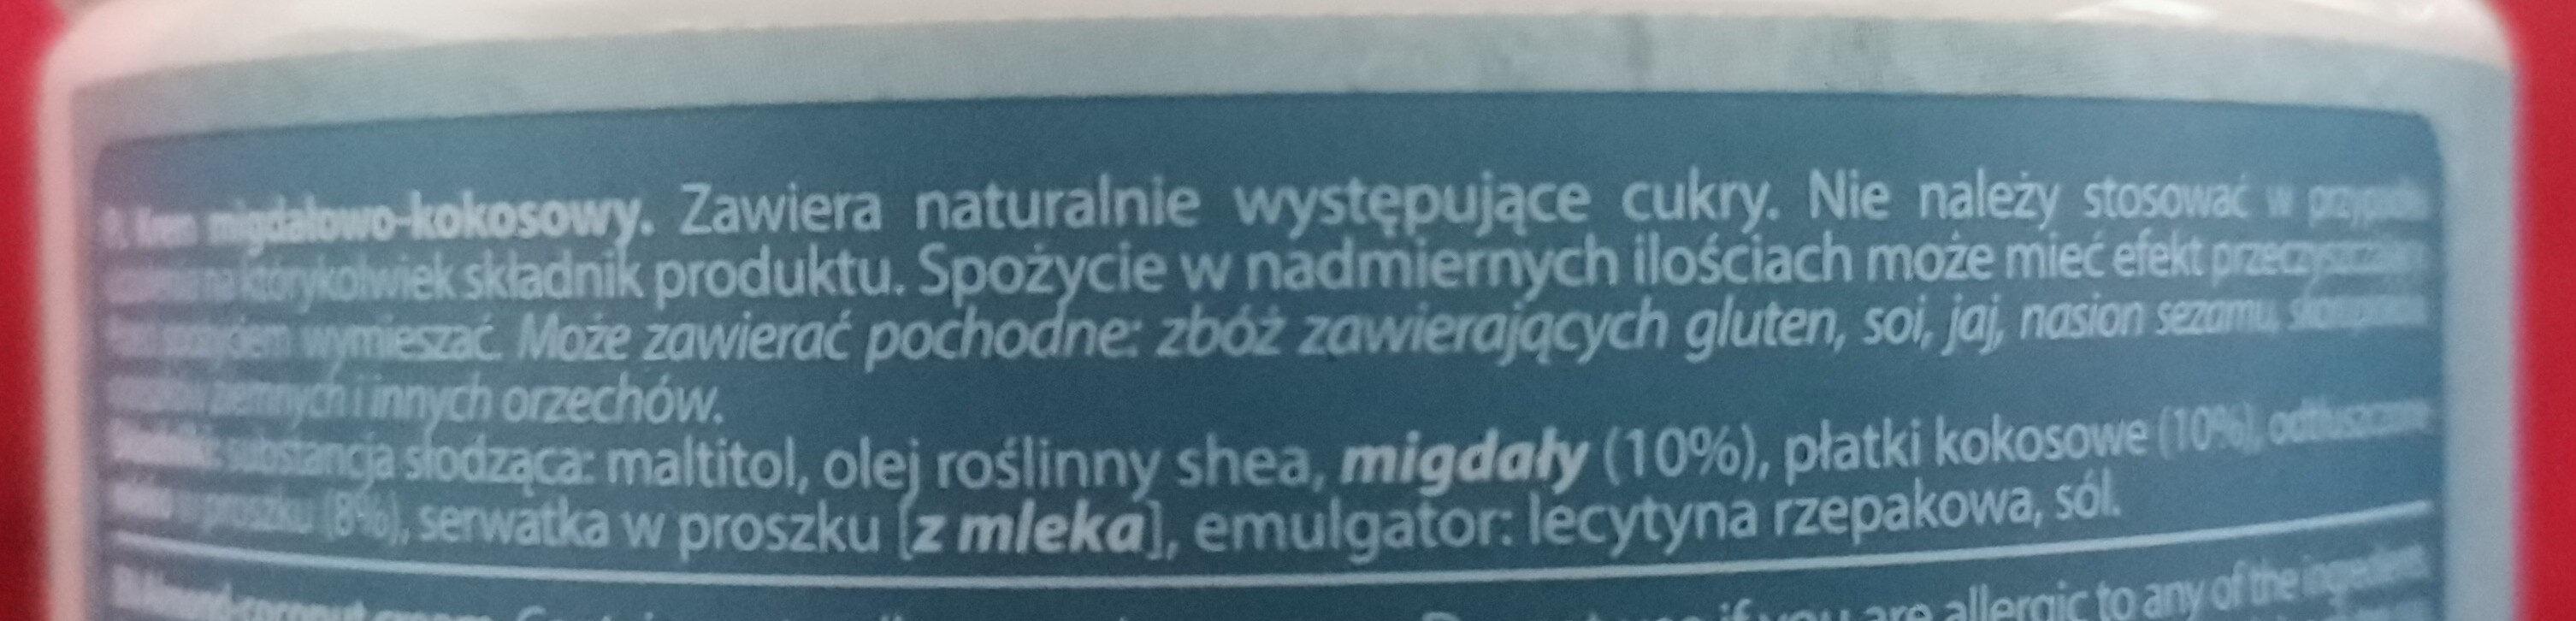 NUT LOVE - Ingredients - pl